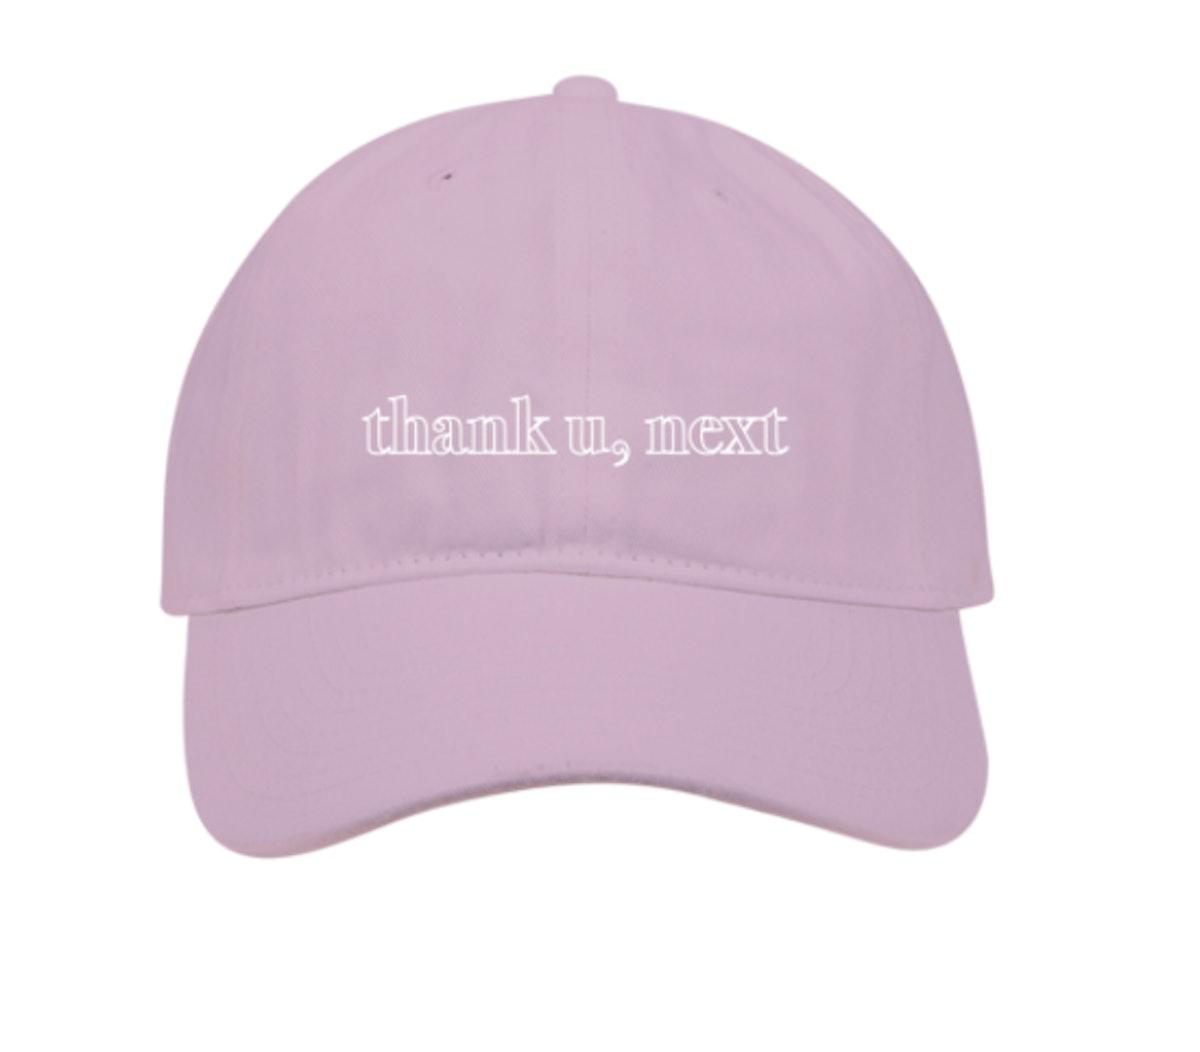 thank u, next dad hat ii + digital album